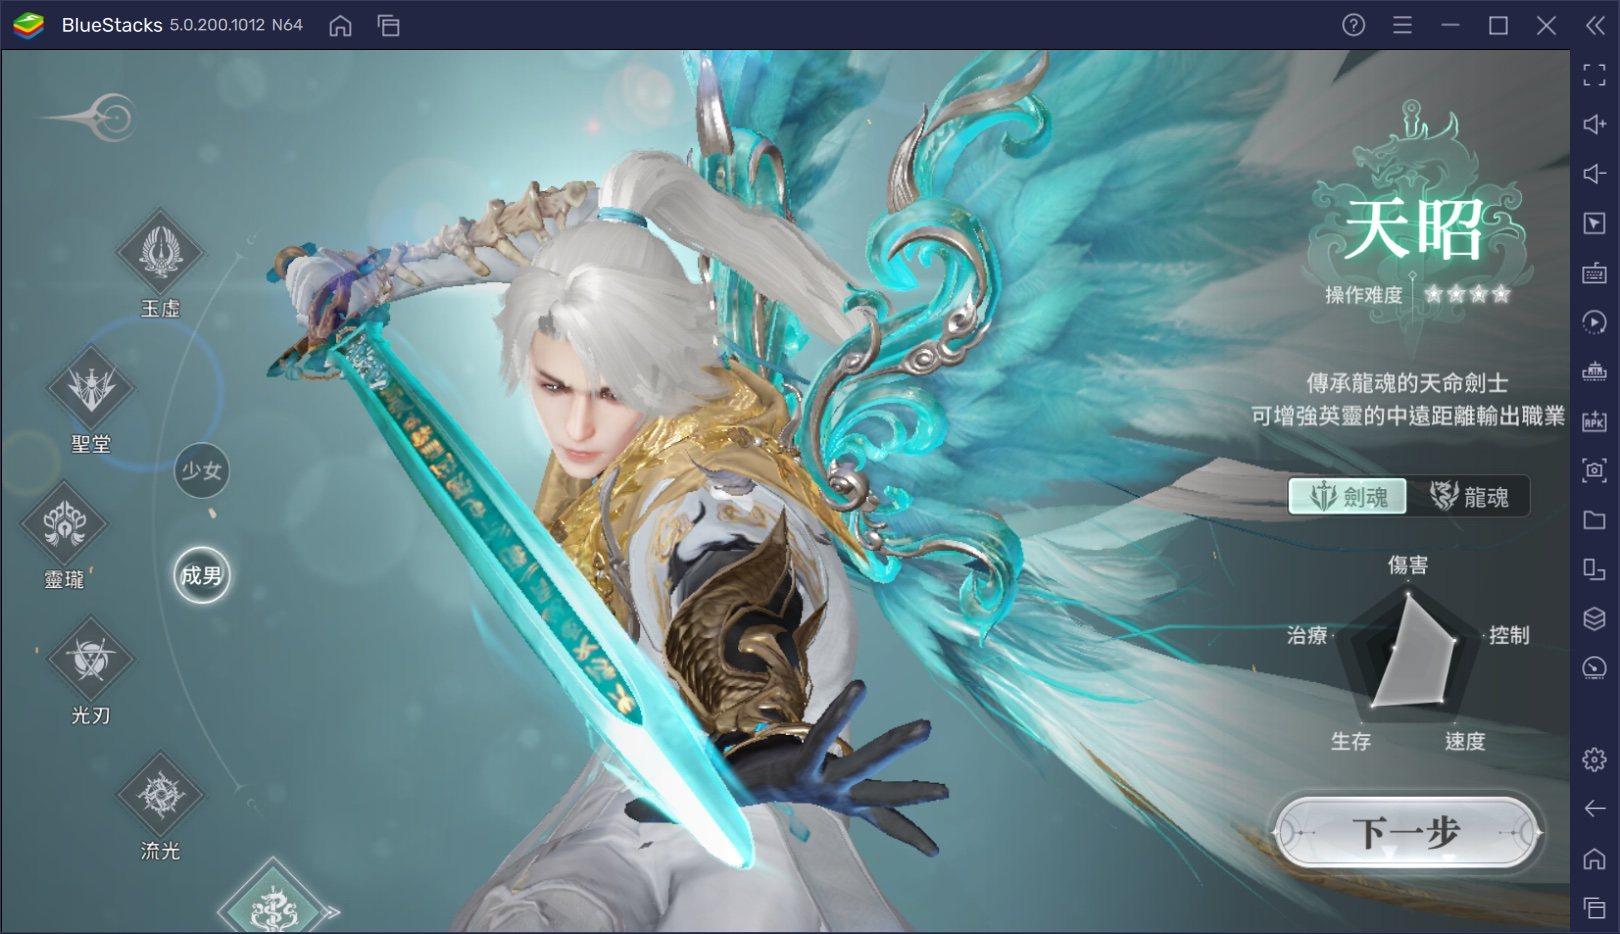 如何用BlueStacks在电脑上玩MMORPG手機遊戲《天諭》